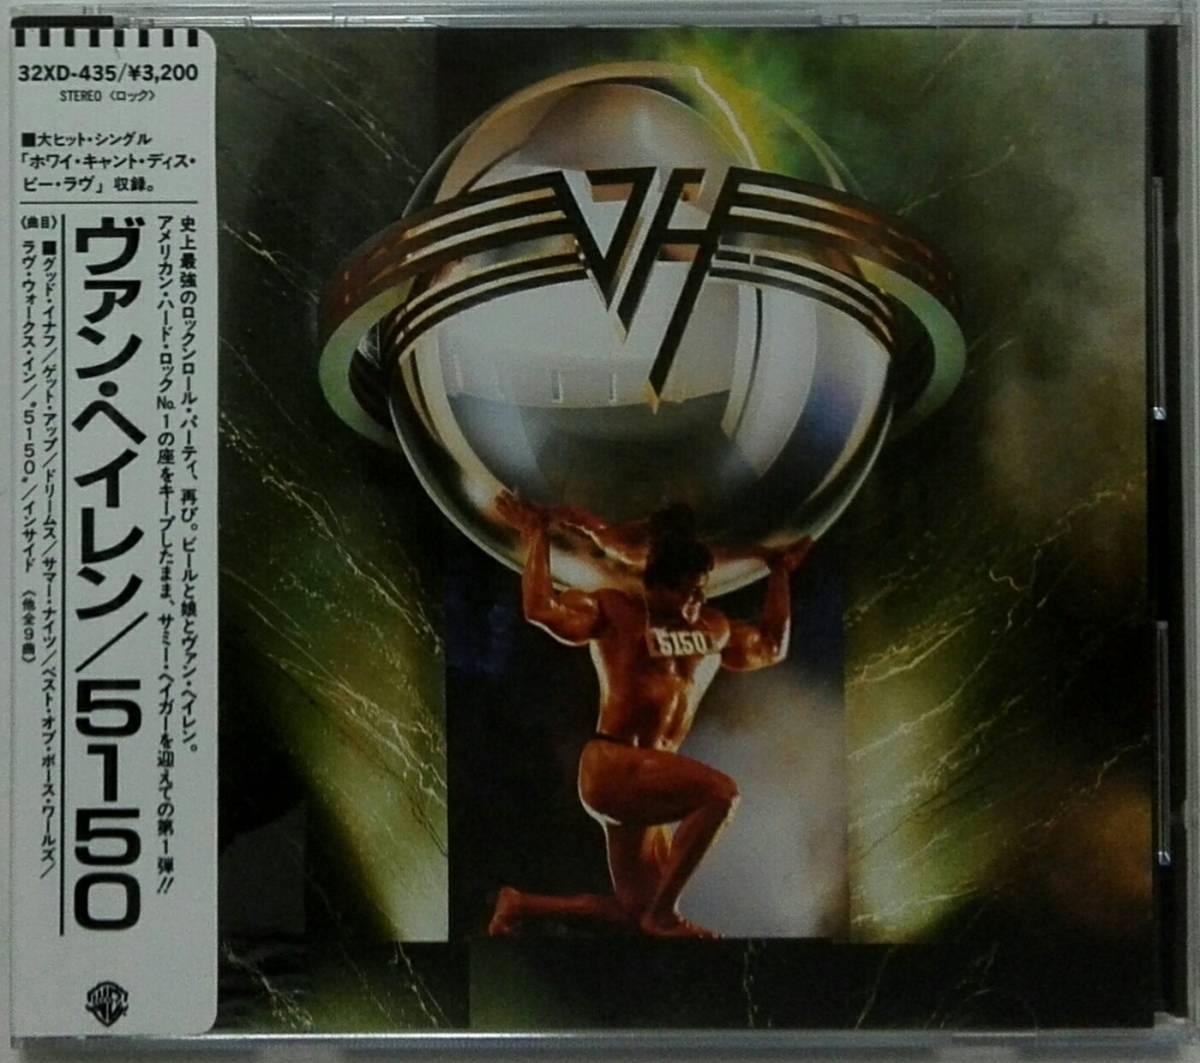 稀少!極美品!国内初期盤 シール帯 旧規格 CD VAN HALEN/5150★ヴァン・ヘイレン サミー・ヘイガー